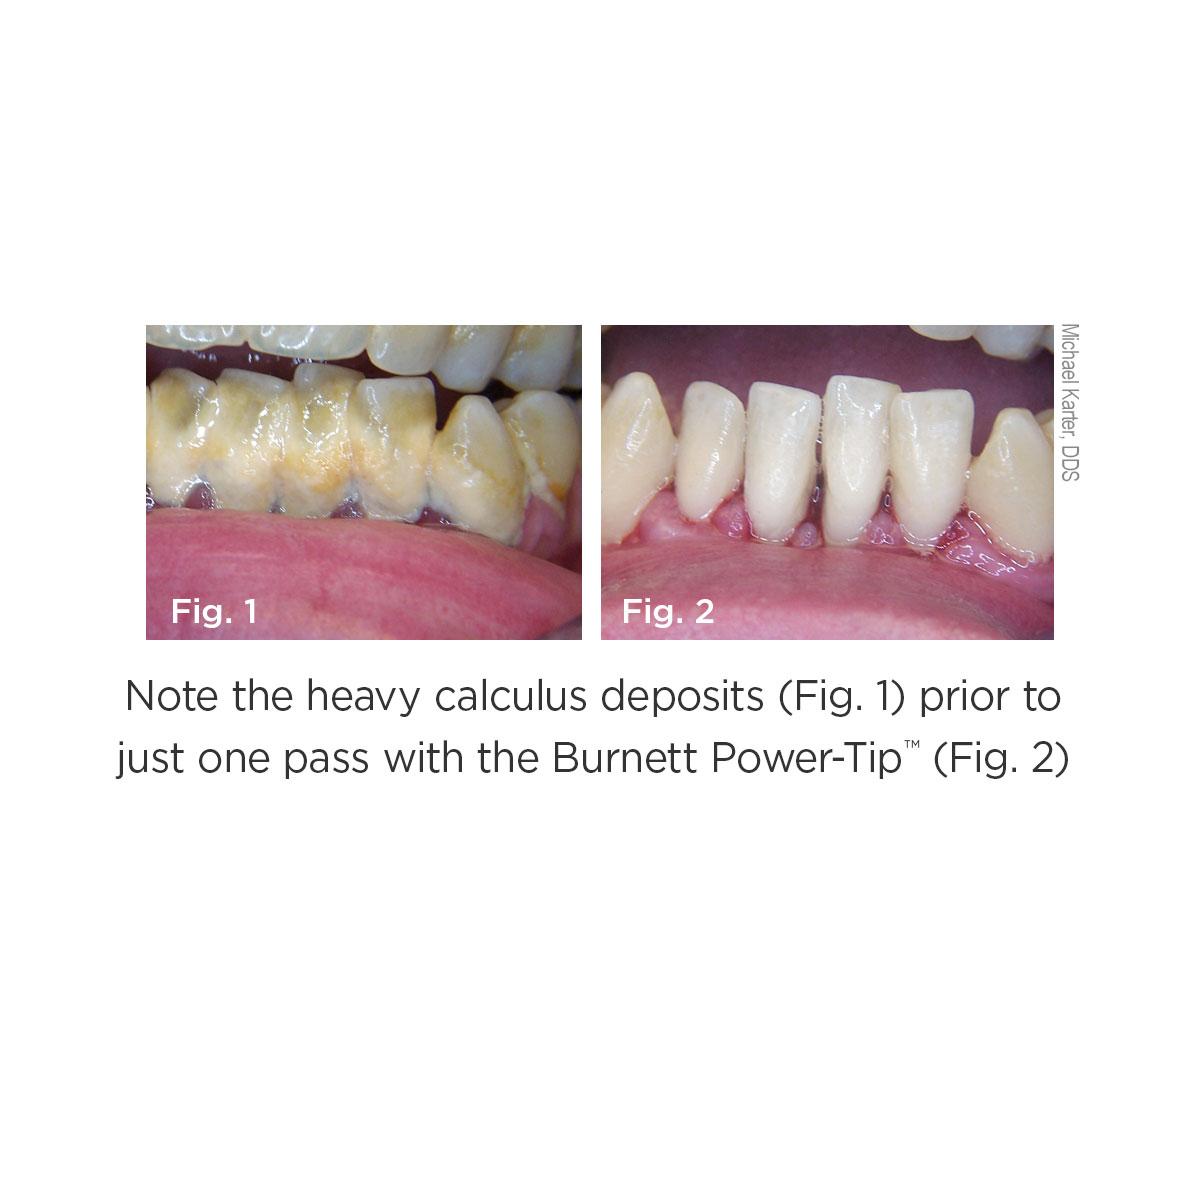 Burnett Power-Tip Clinical Images